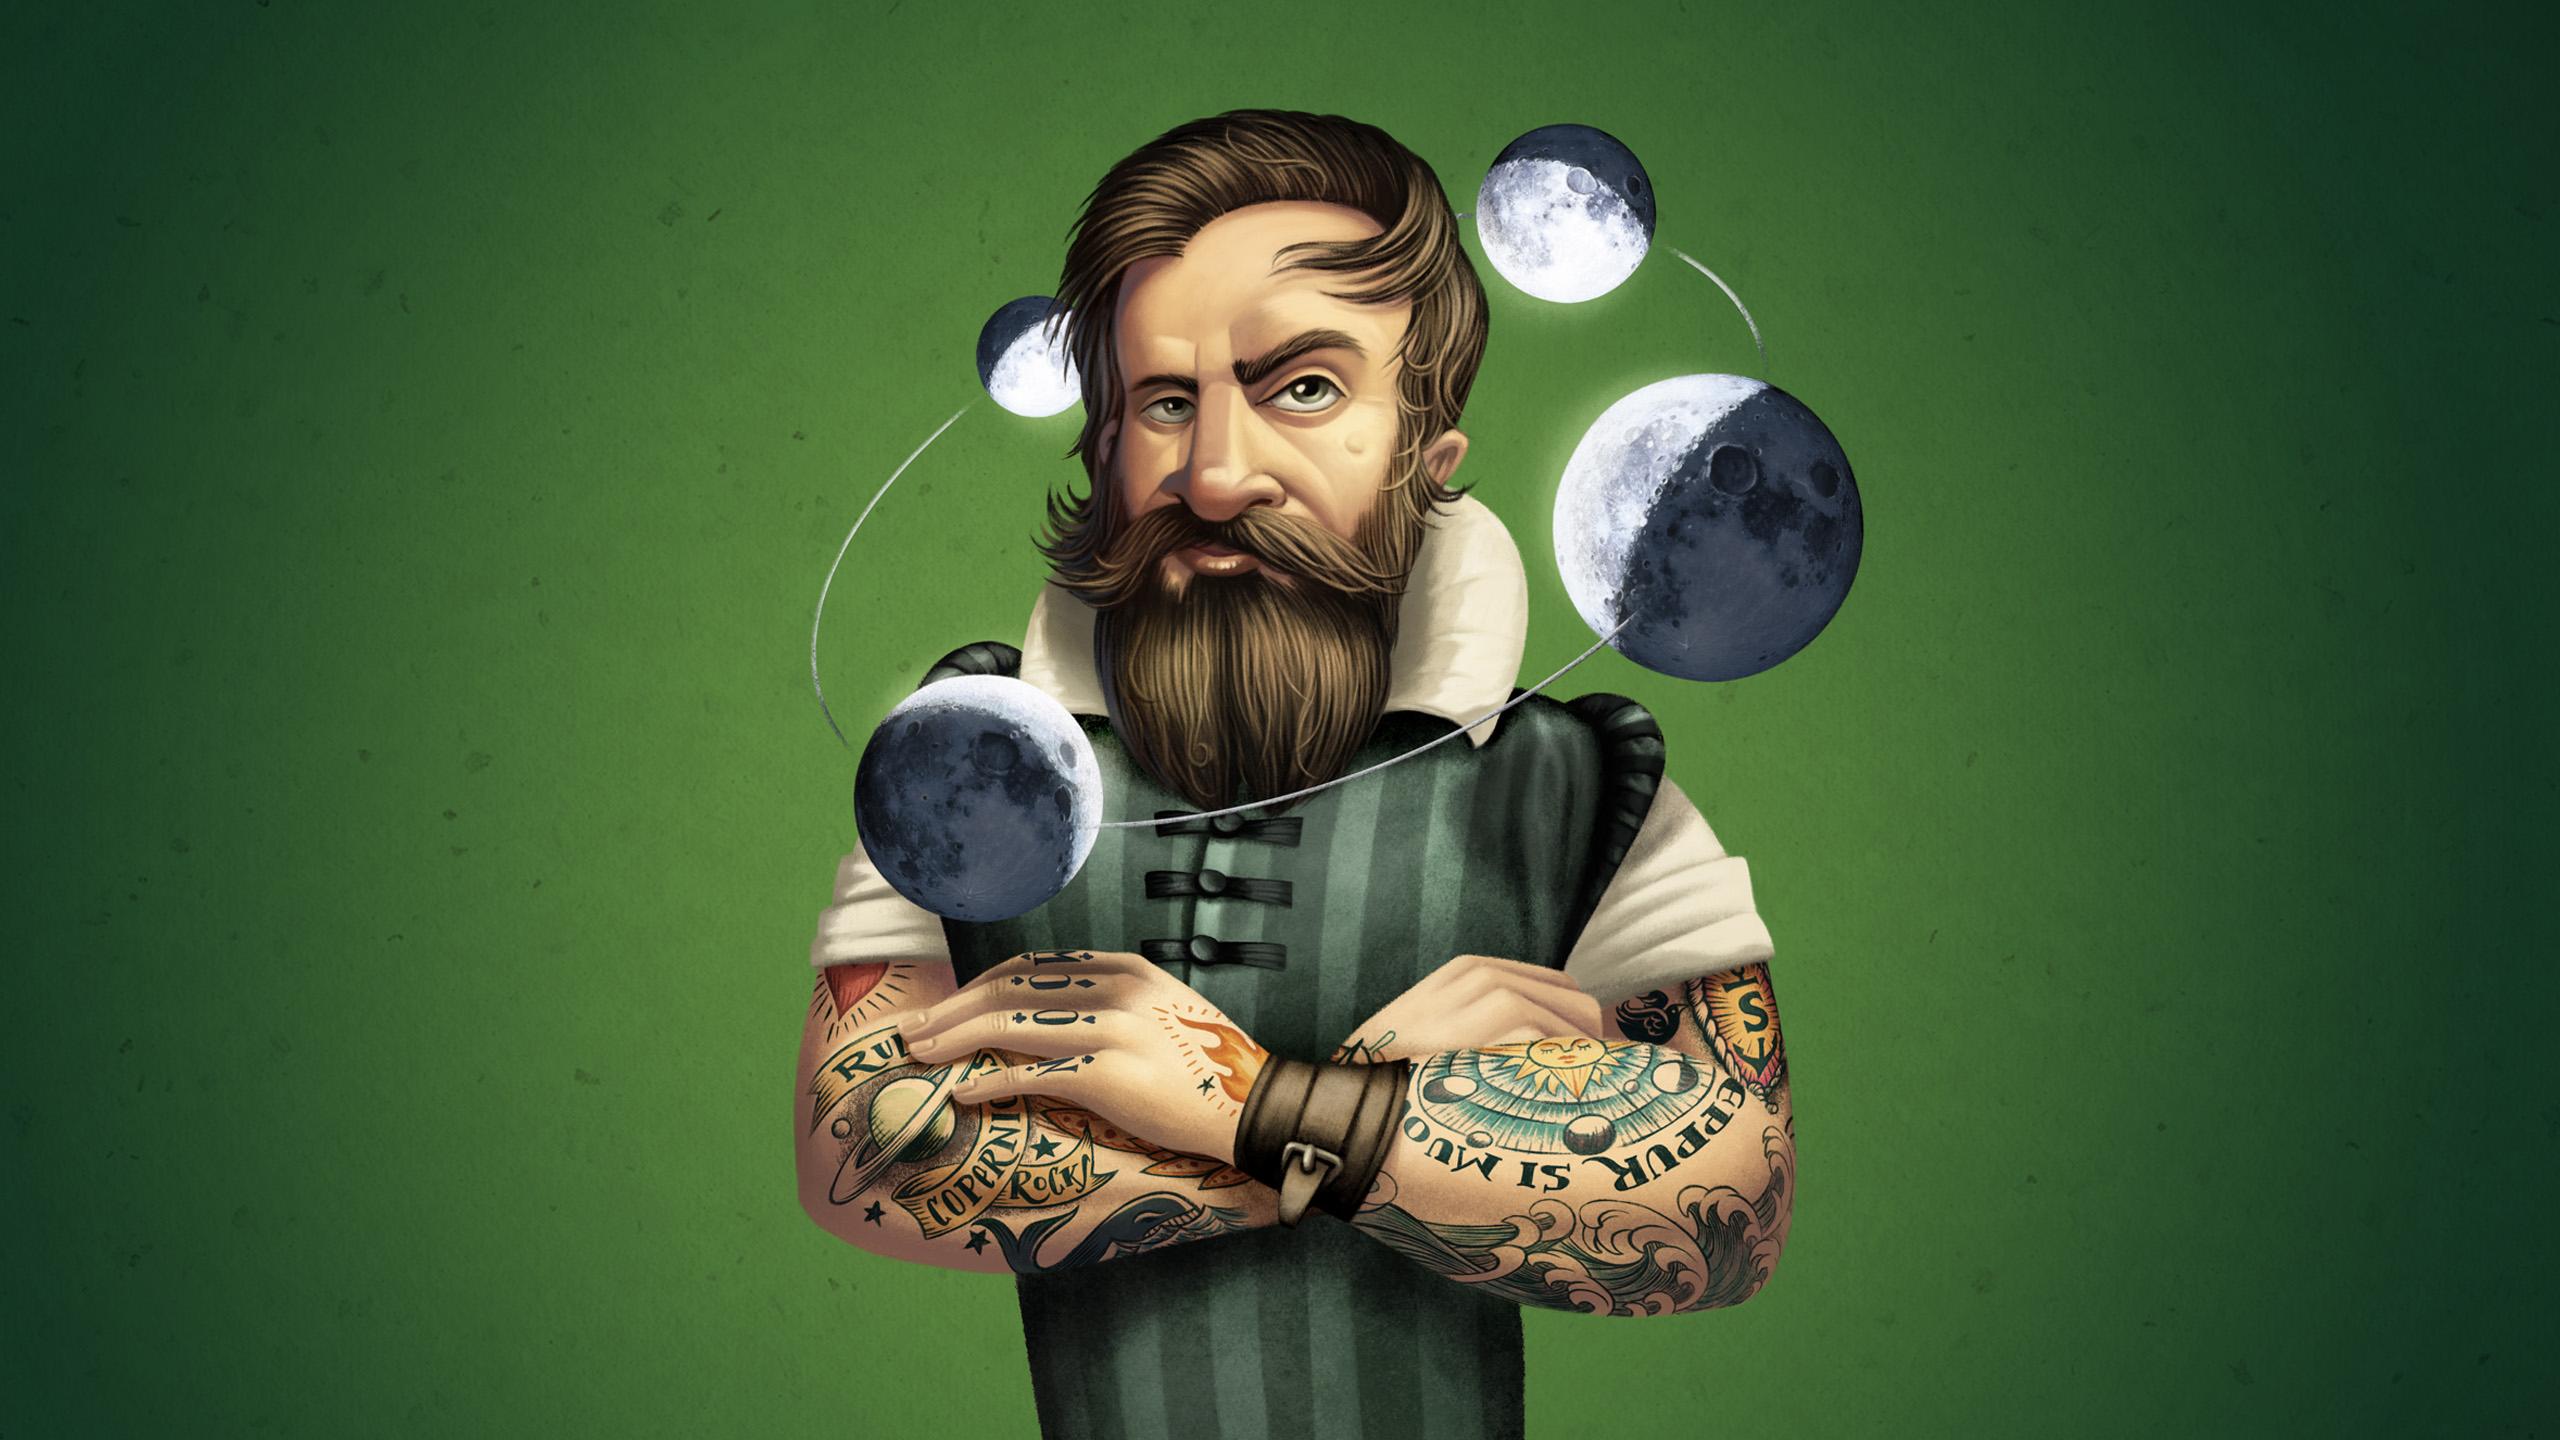 www.davidderamon.com - illustration - young galileo